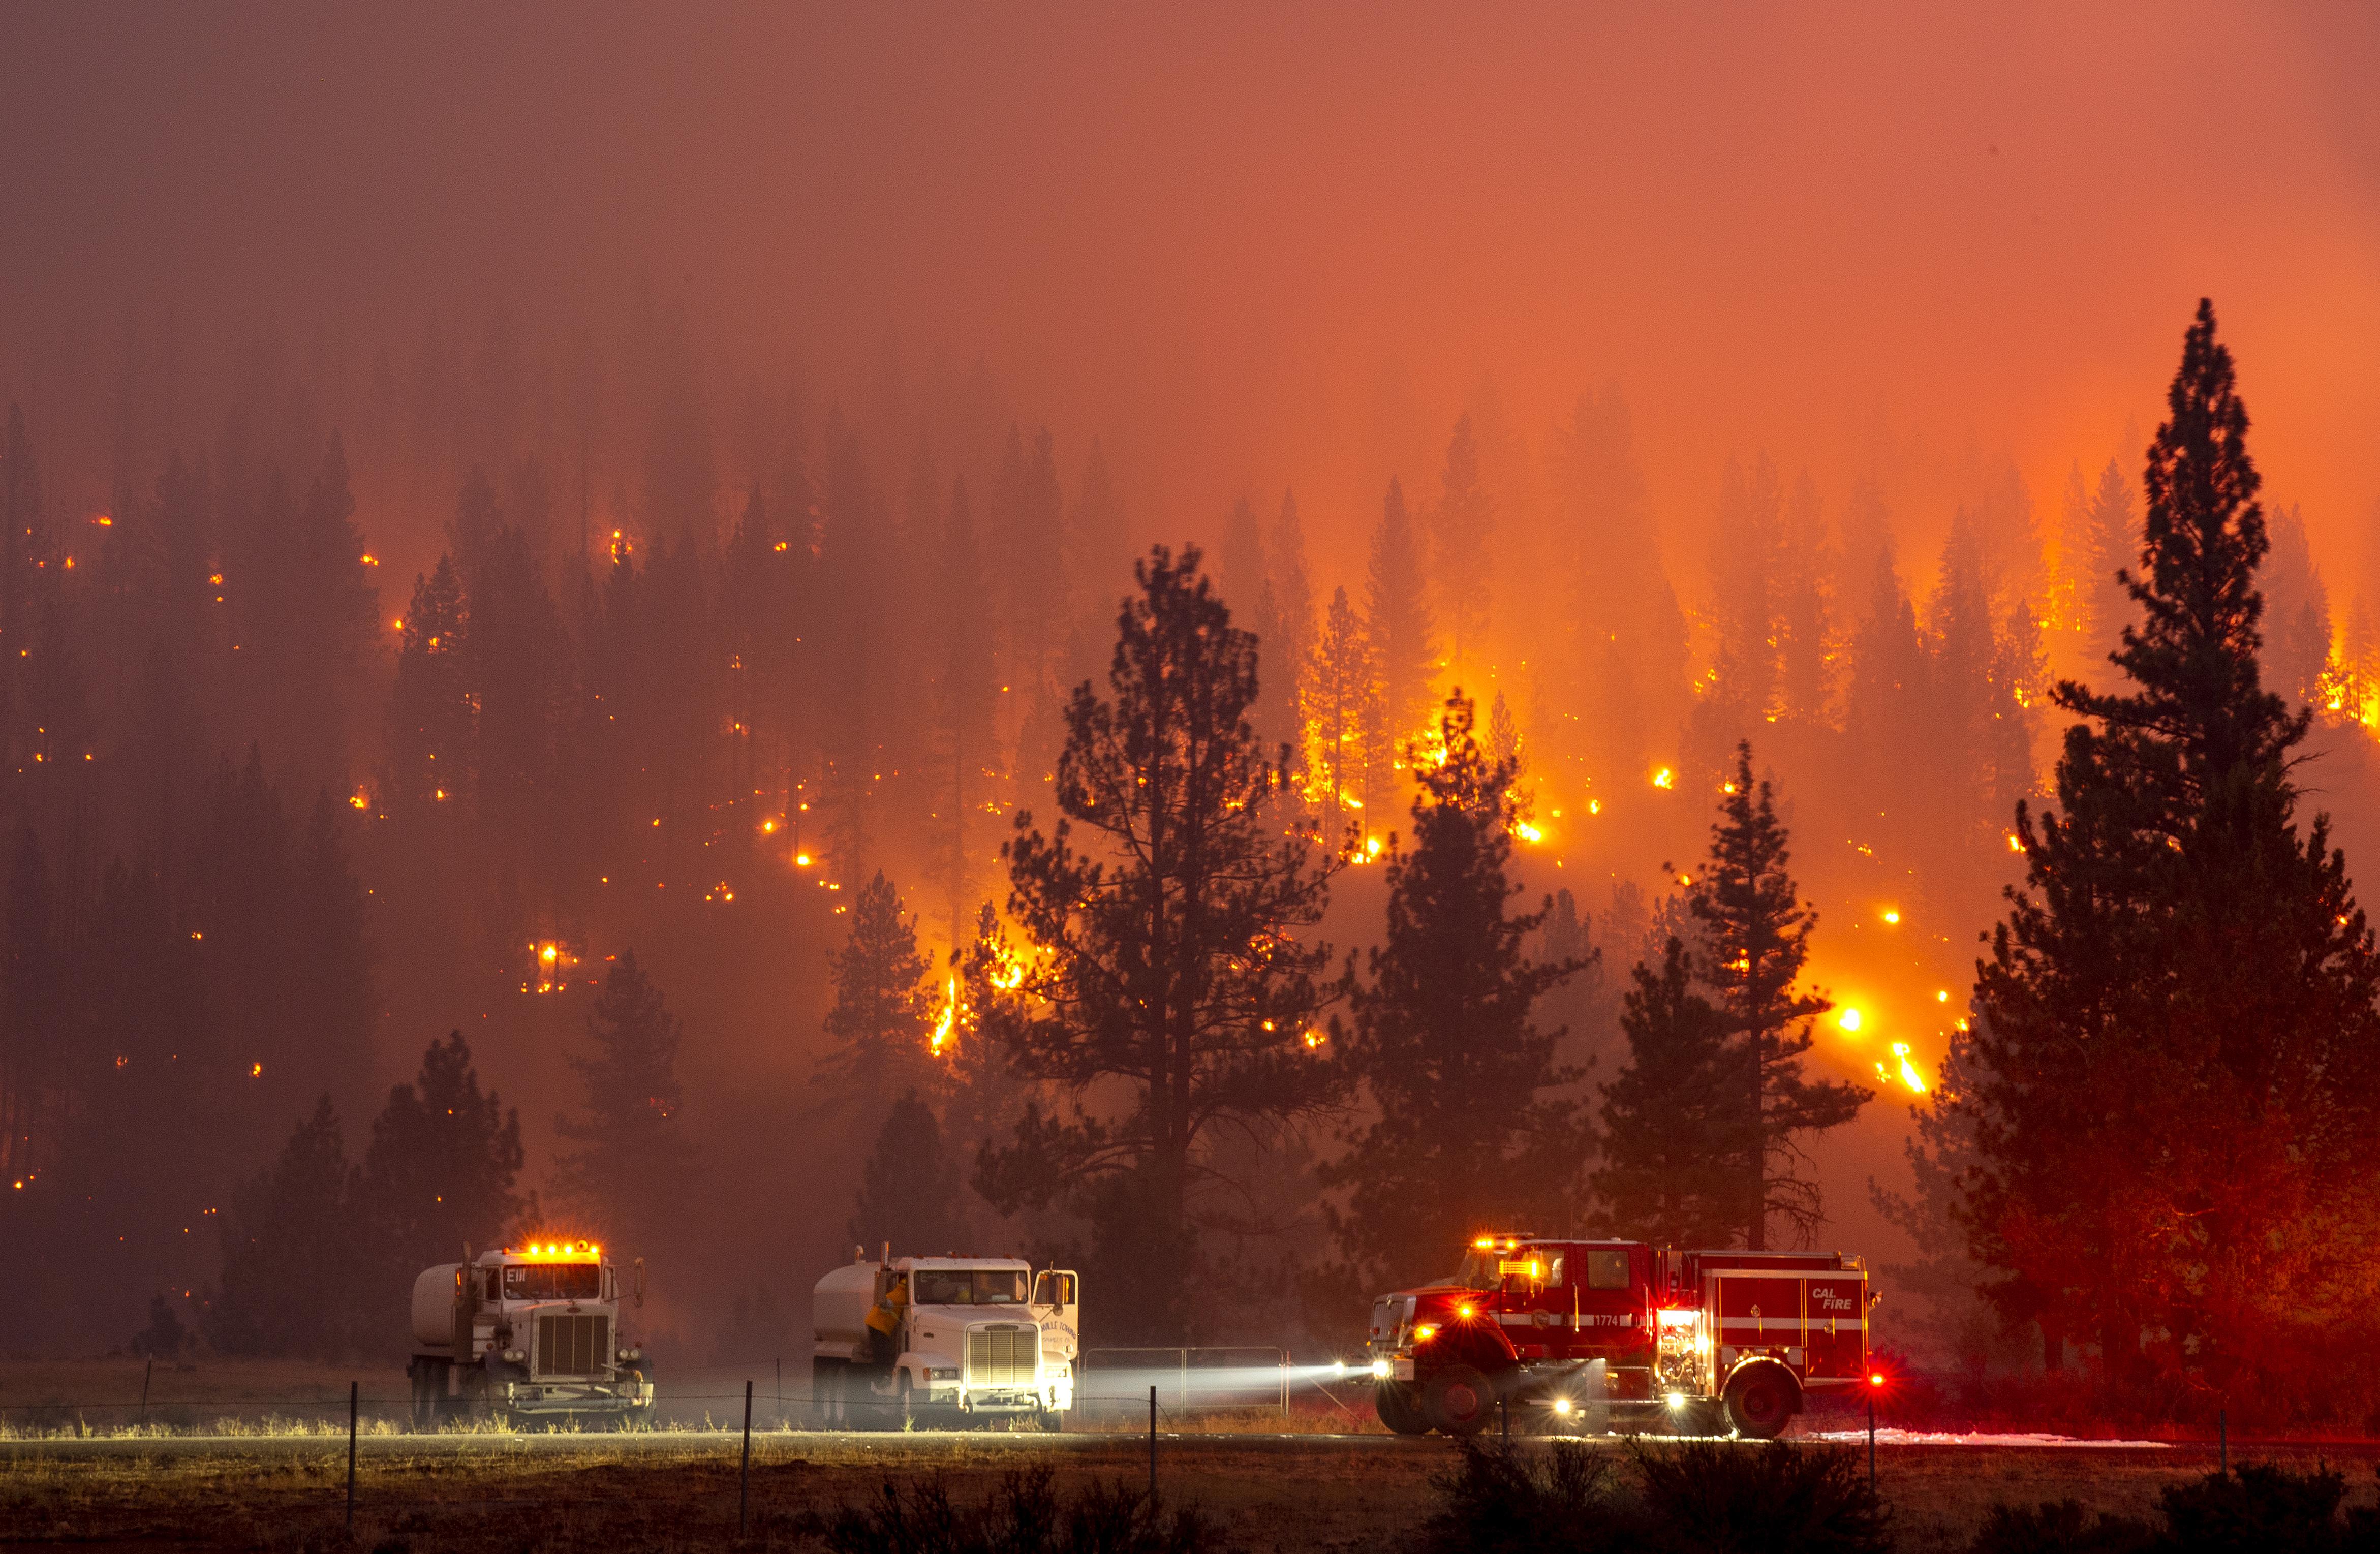 ไล่เรียงสถานการณ์ไฟป่าครั้งประวัติศาสตร์แคลิฟอร์เนีย